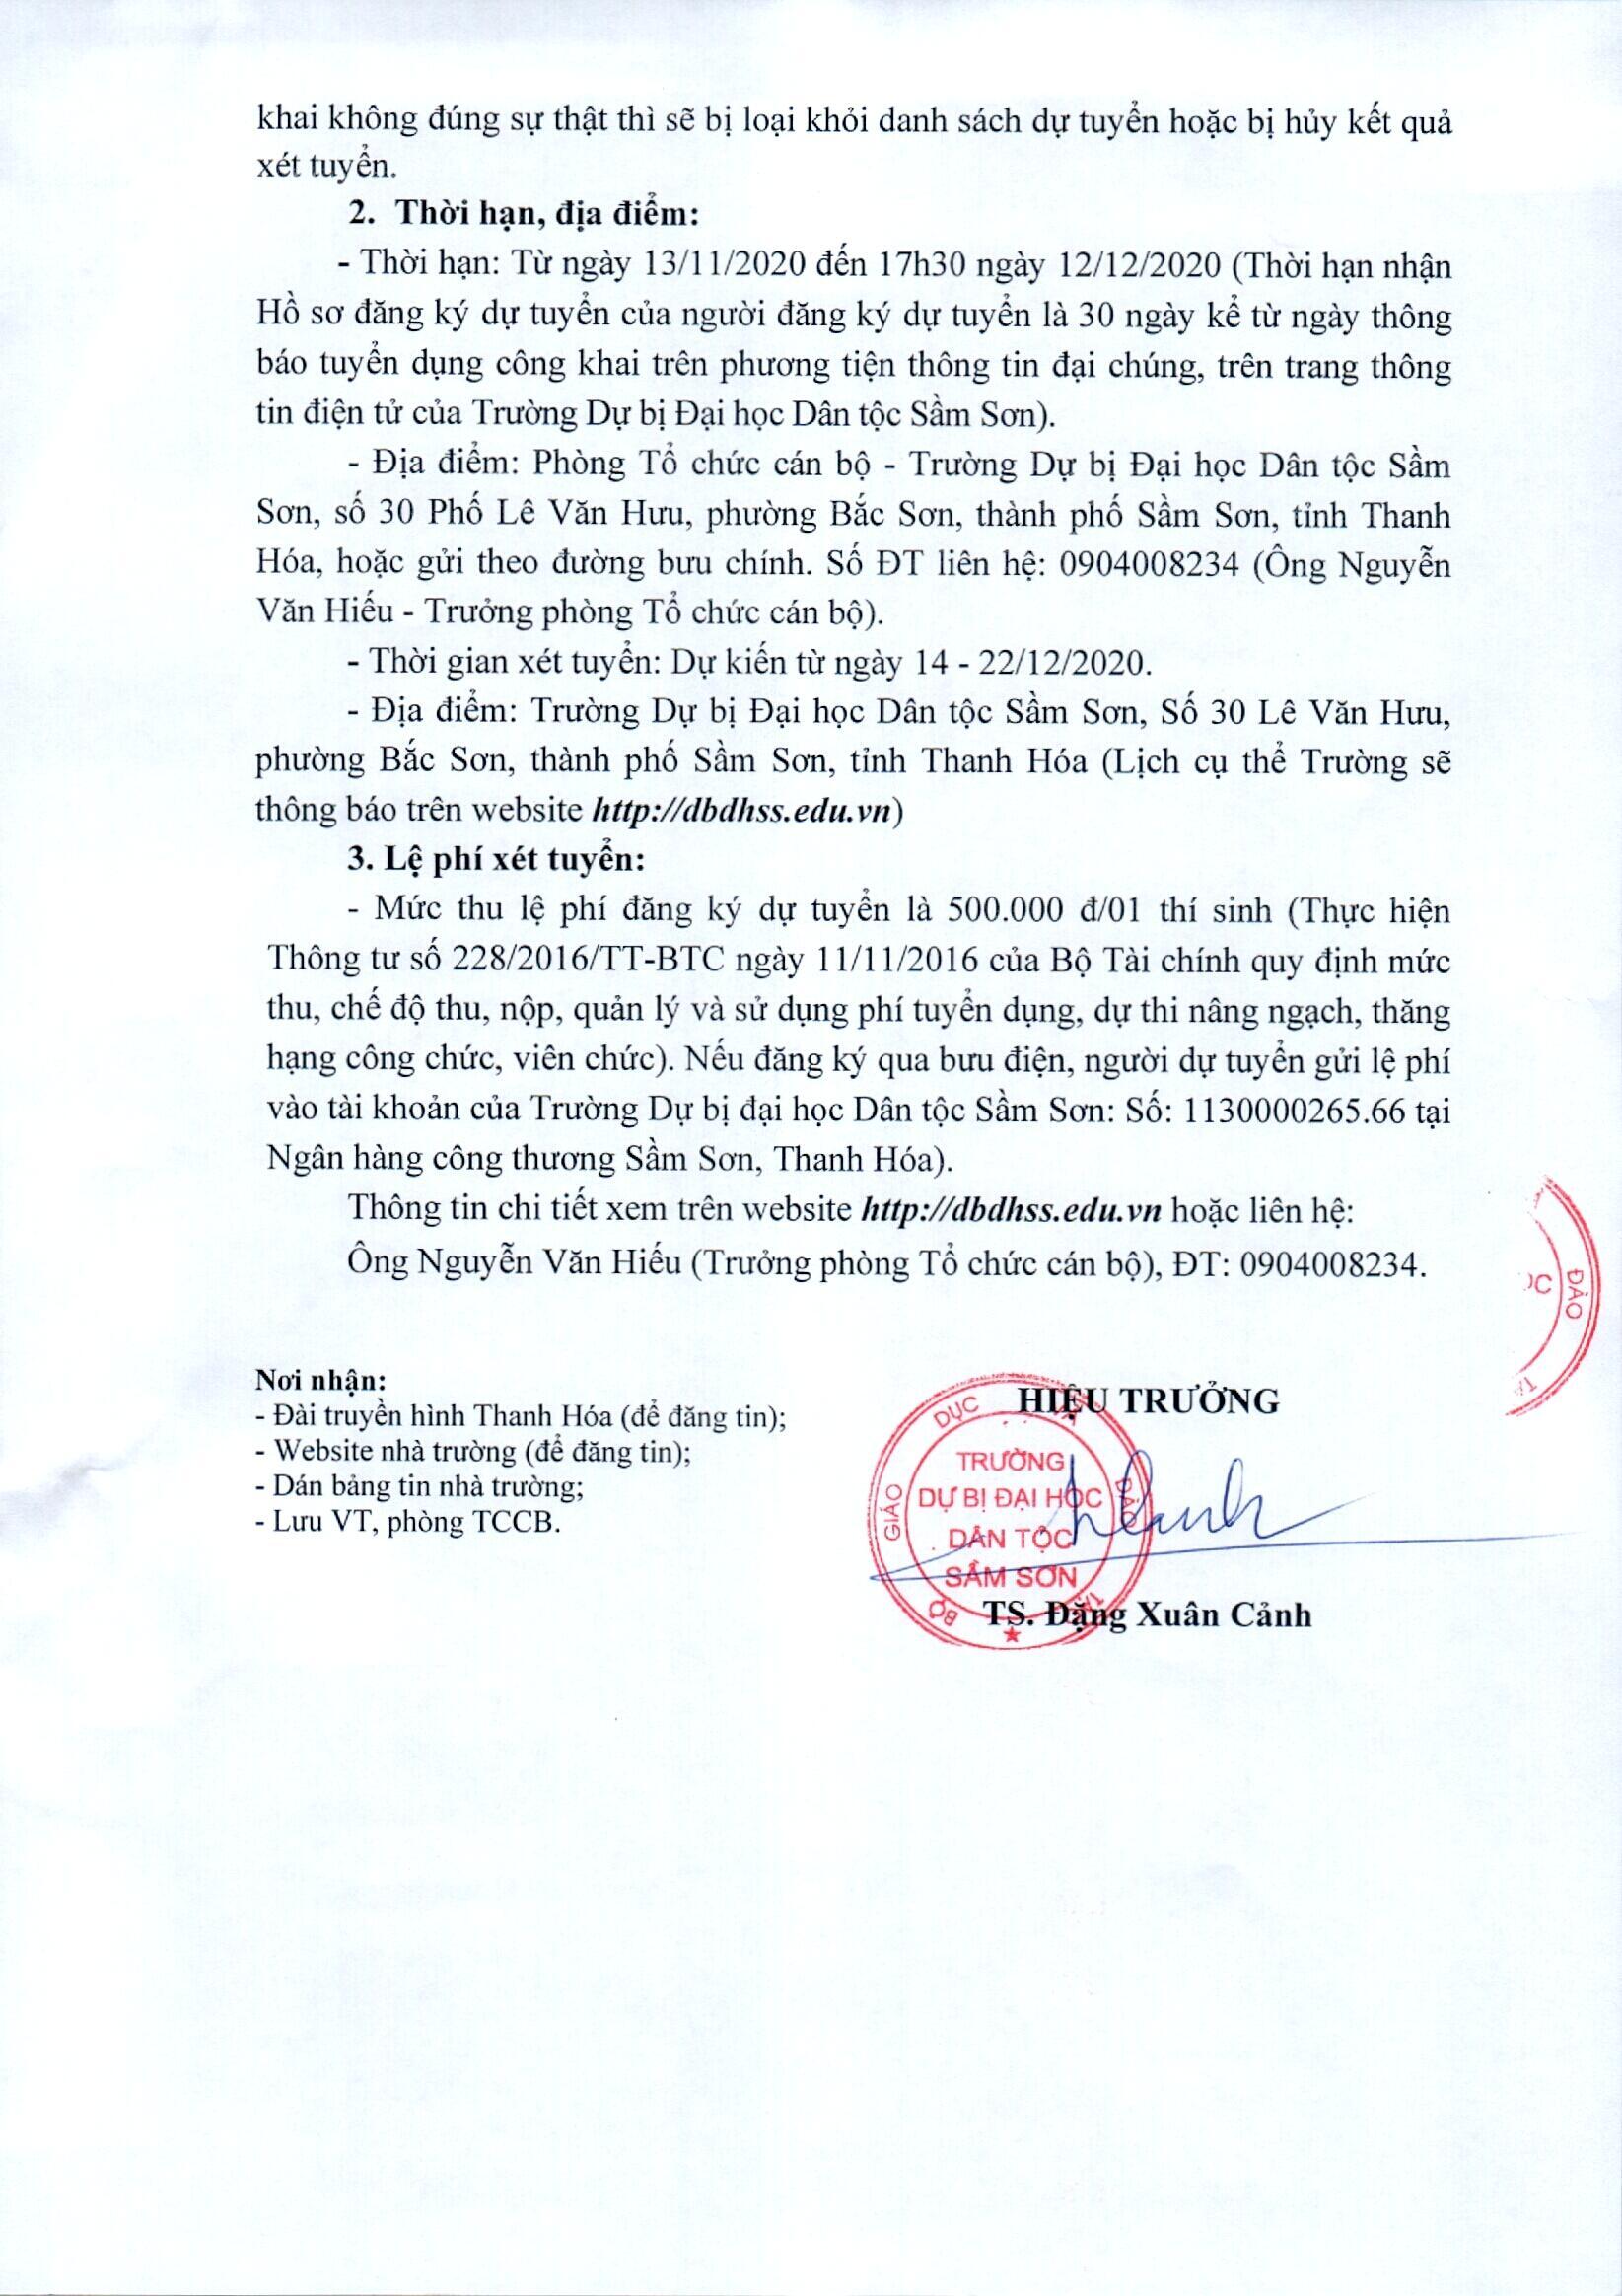 Thông báo tuyển dụng viên chức (2)_0005